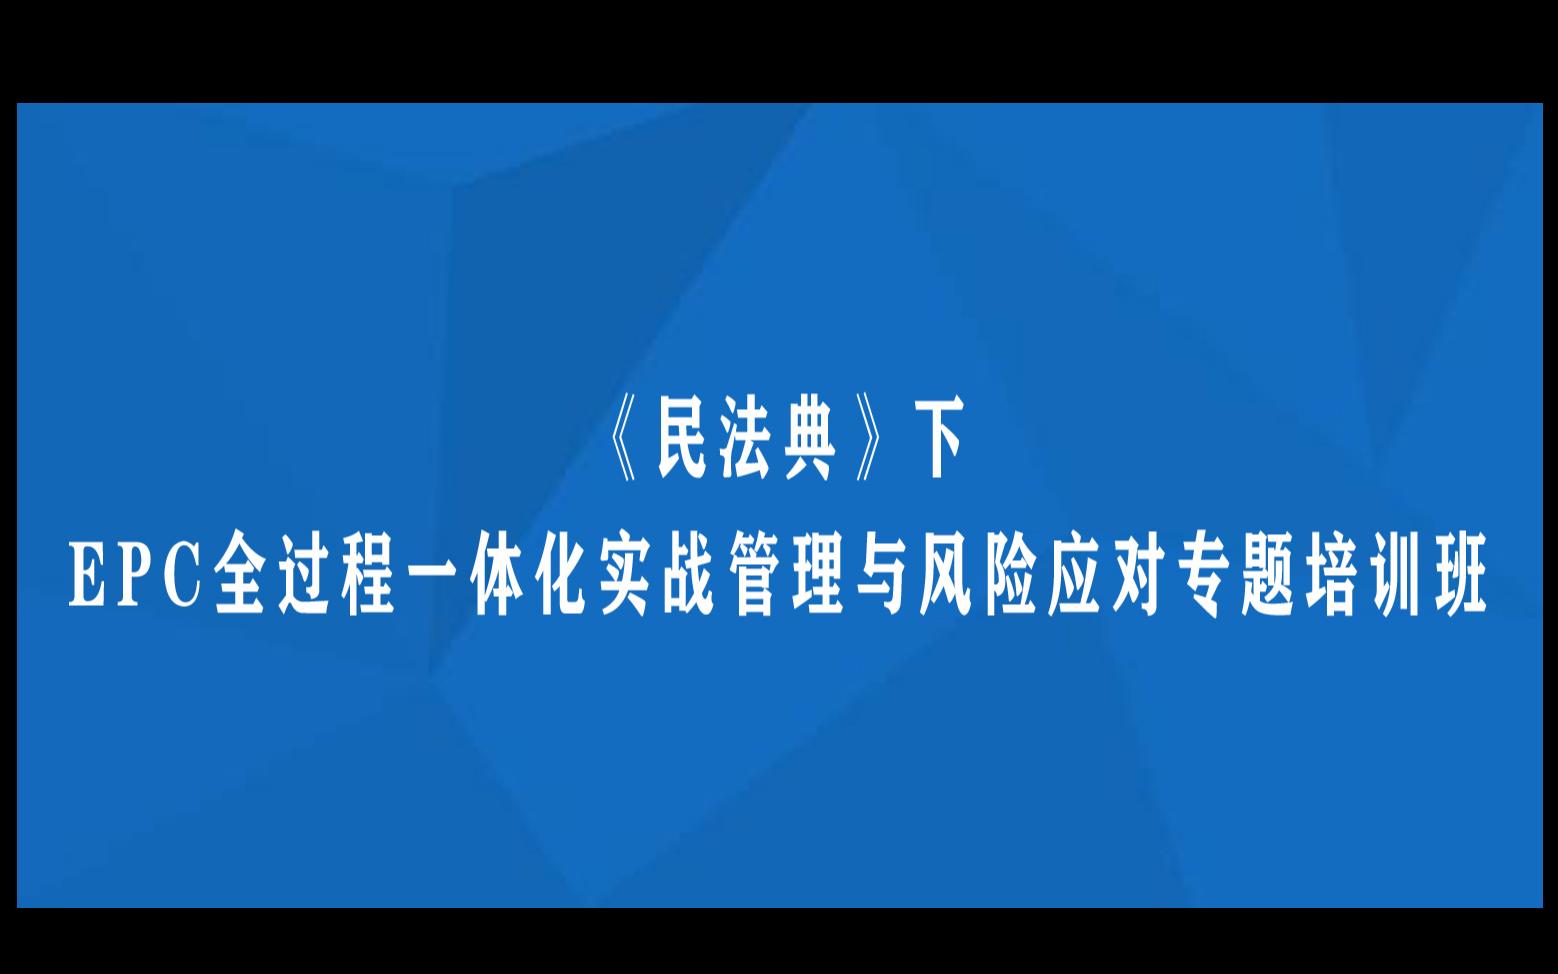 线下课程:《民法典》下EPC全过程一体化实战管理与风险应对专题培训班(9月杭州)